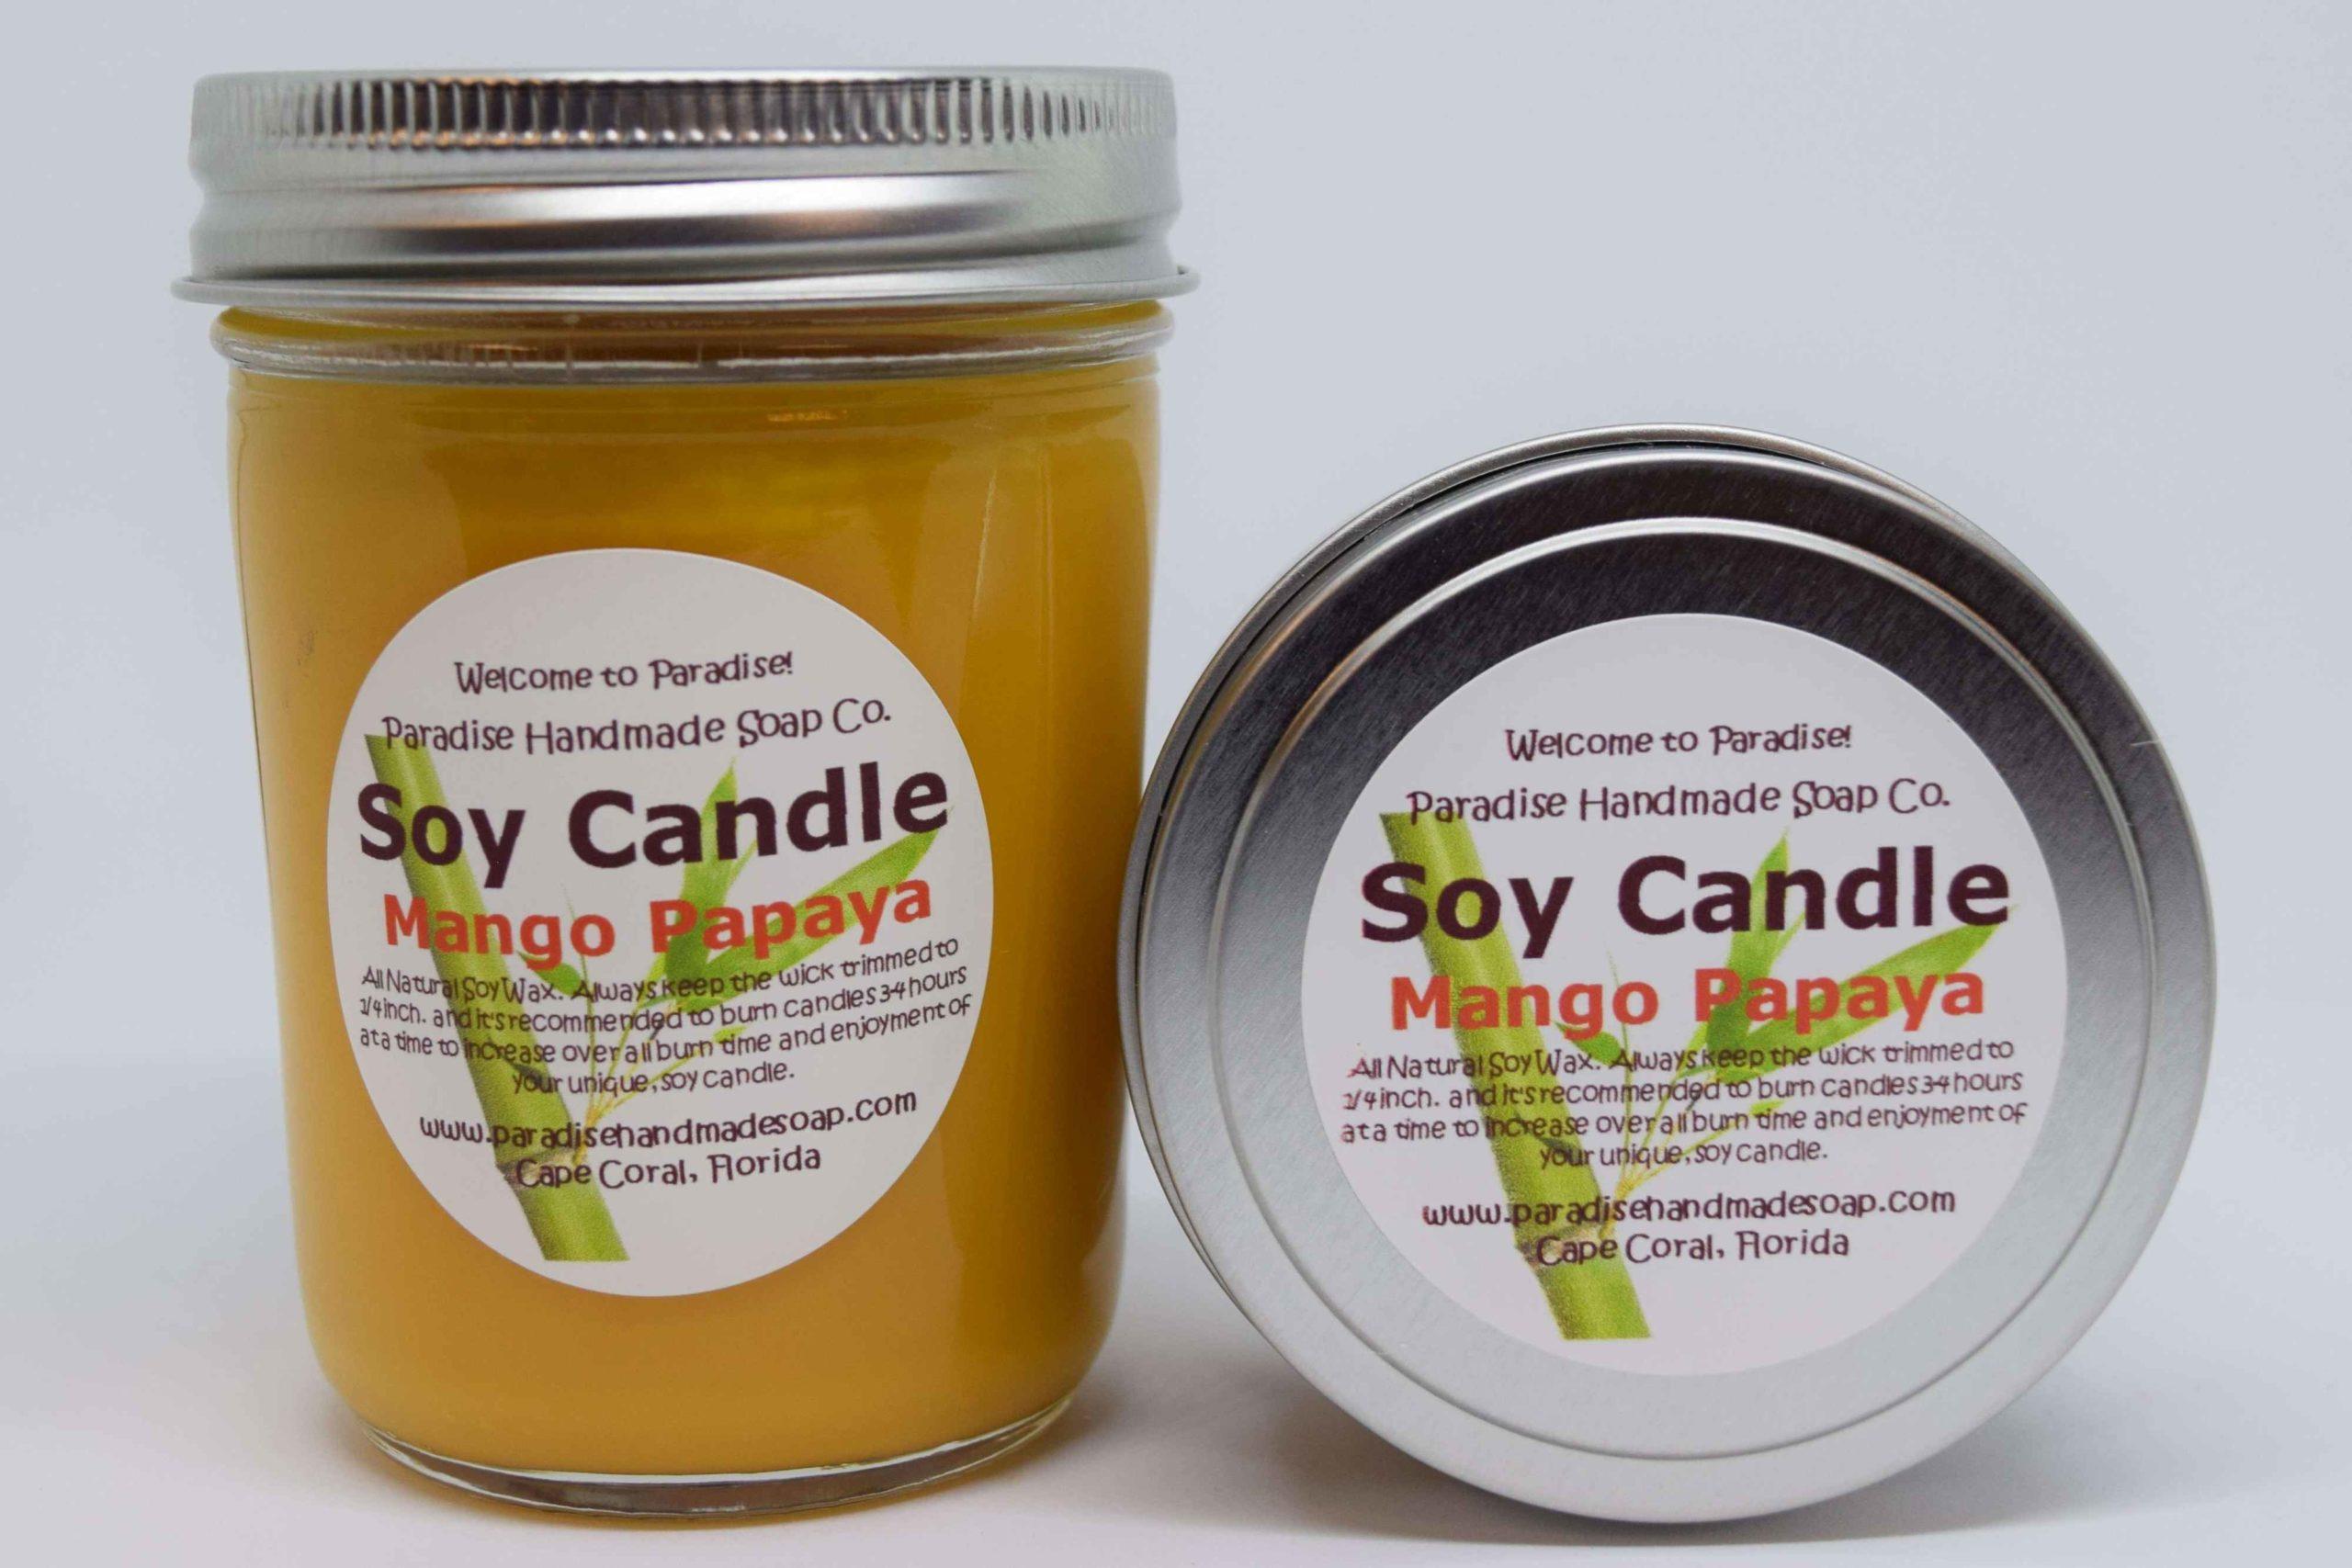 Mango Papaya Candle